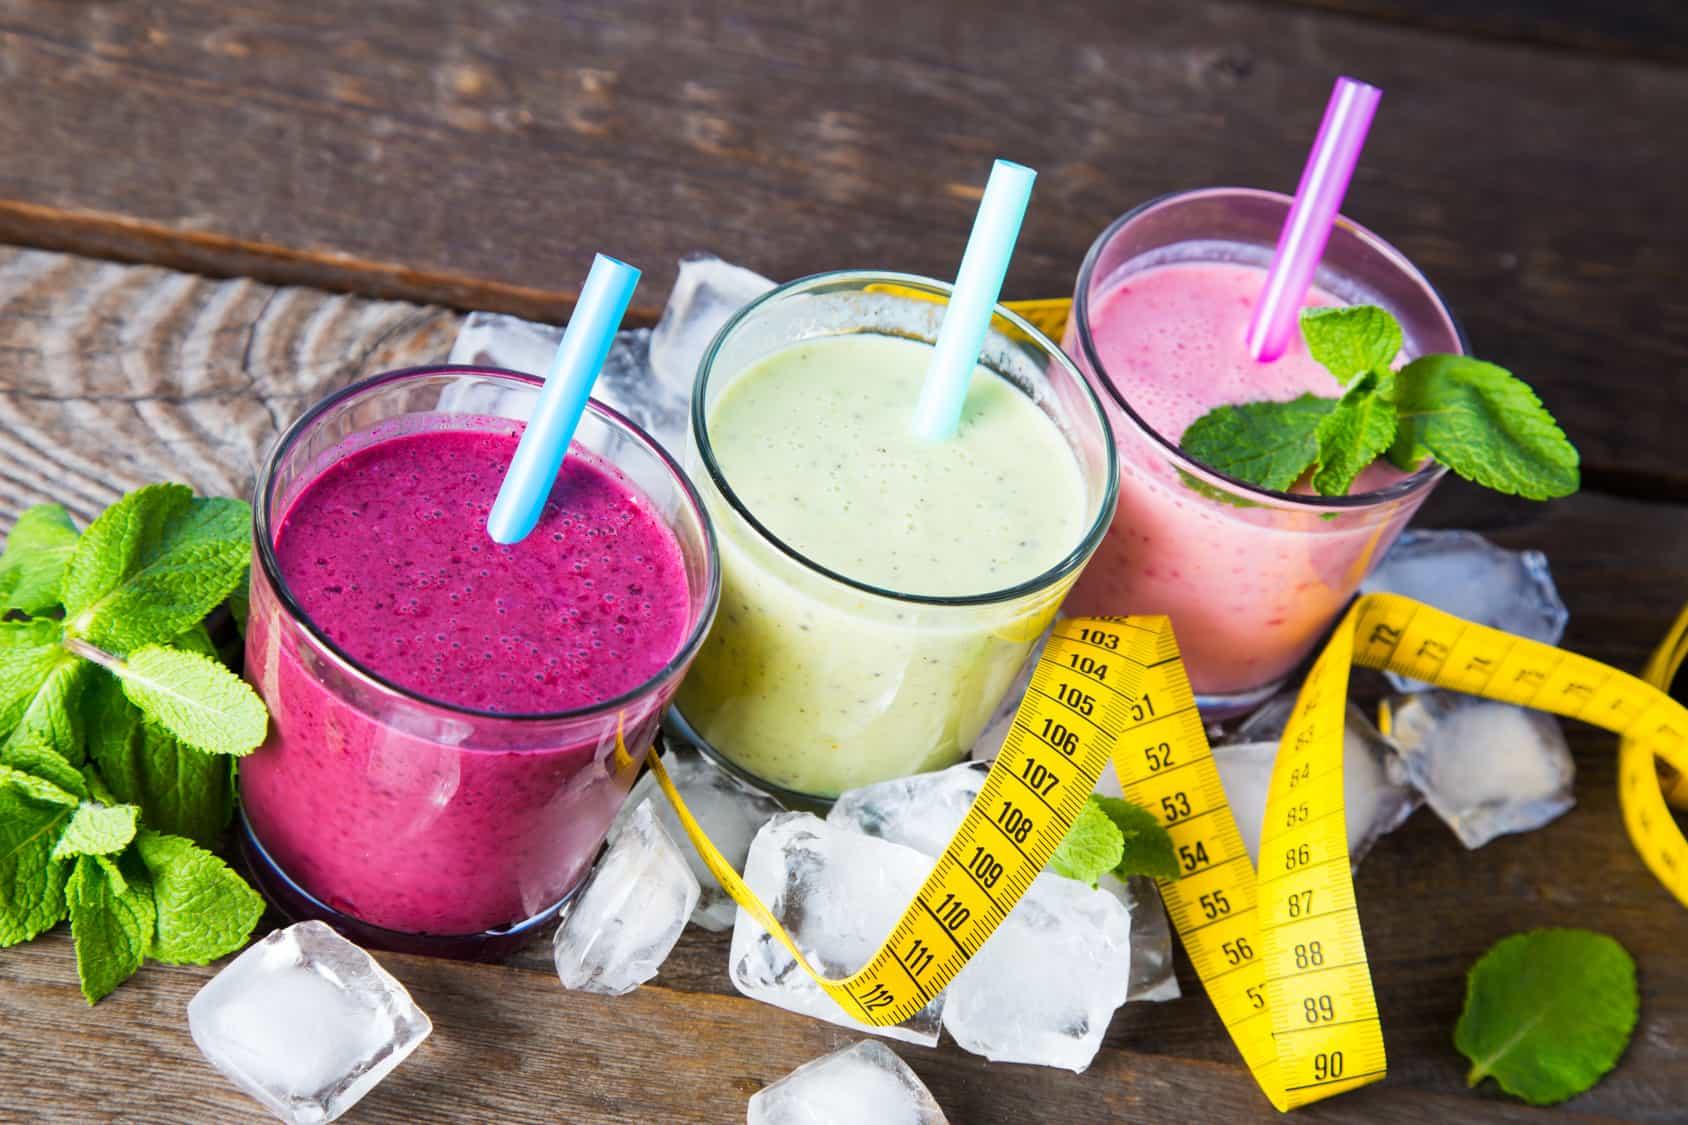 Как похудеть в домашних условиях легко и быстро: с чего начать похудение, какие существуют эффективные средства и способы скинуть вес дома